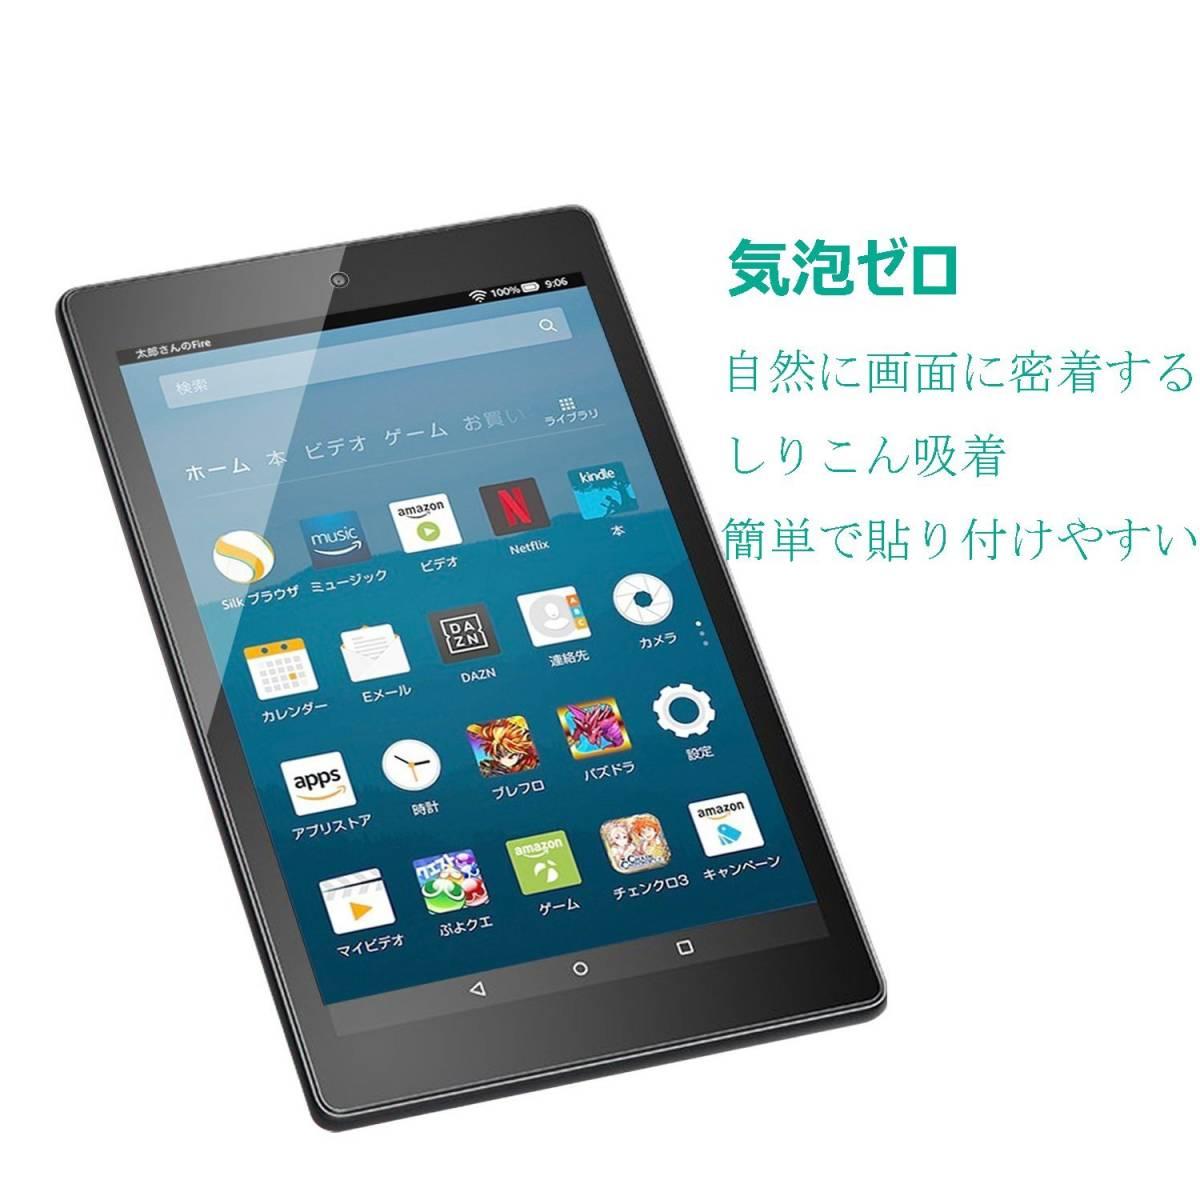 【3枚】ホームボタンのある iPad Pro 9.7 / Air2 / Air/ 9.7インチ 用 フィルム 強化ガラス 液晶保護フィルム 高透過率 気泡ゼロ 硬度9H_画像4